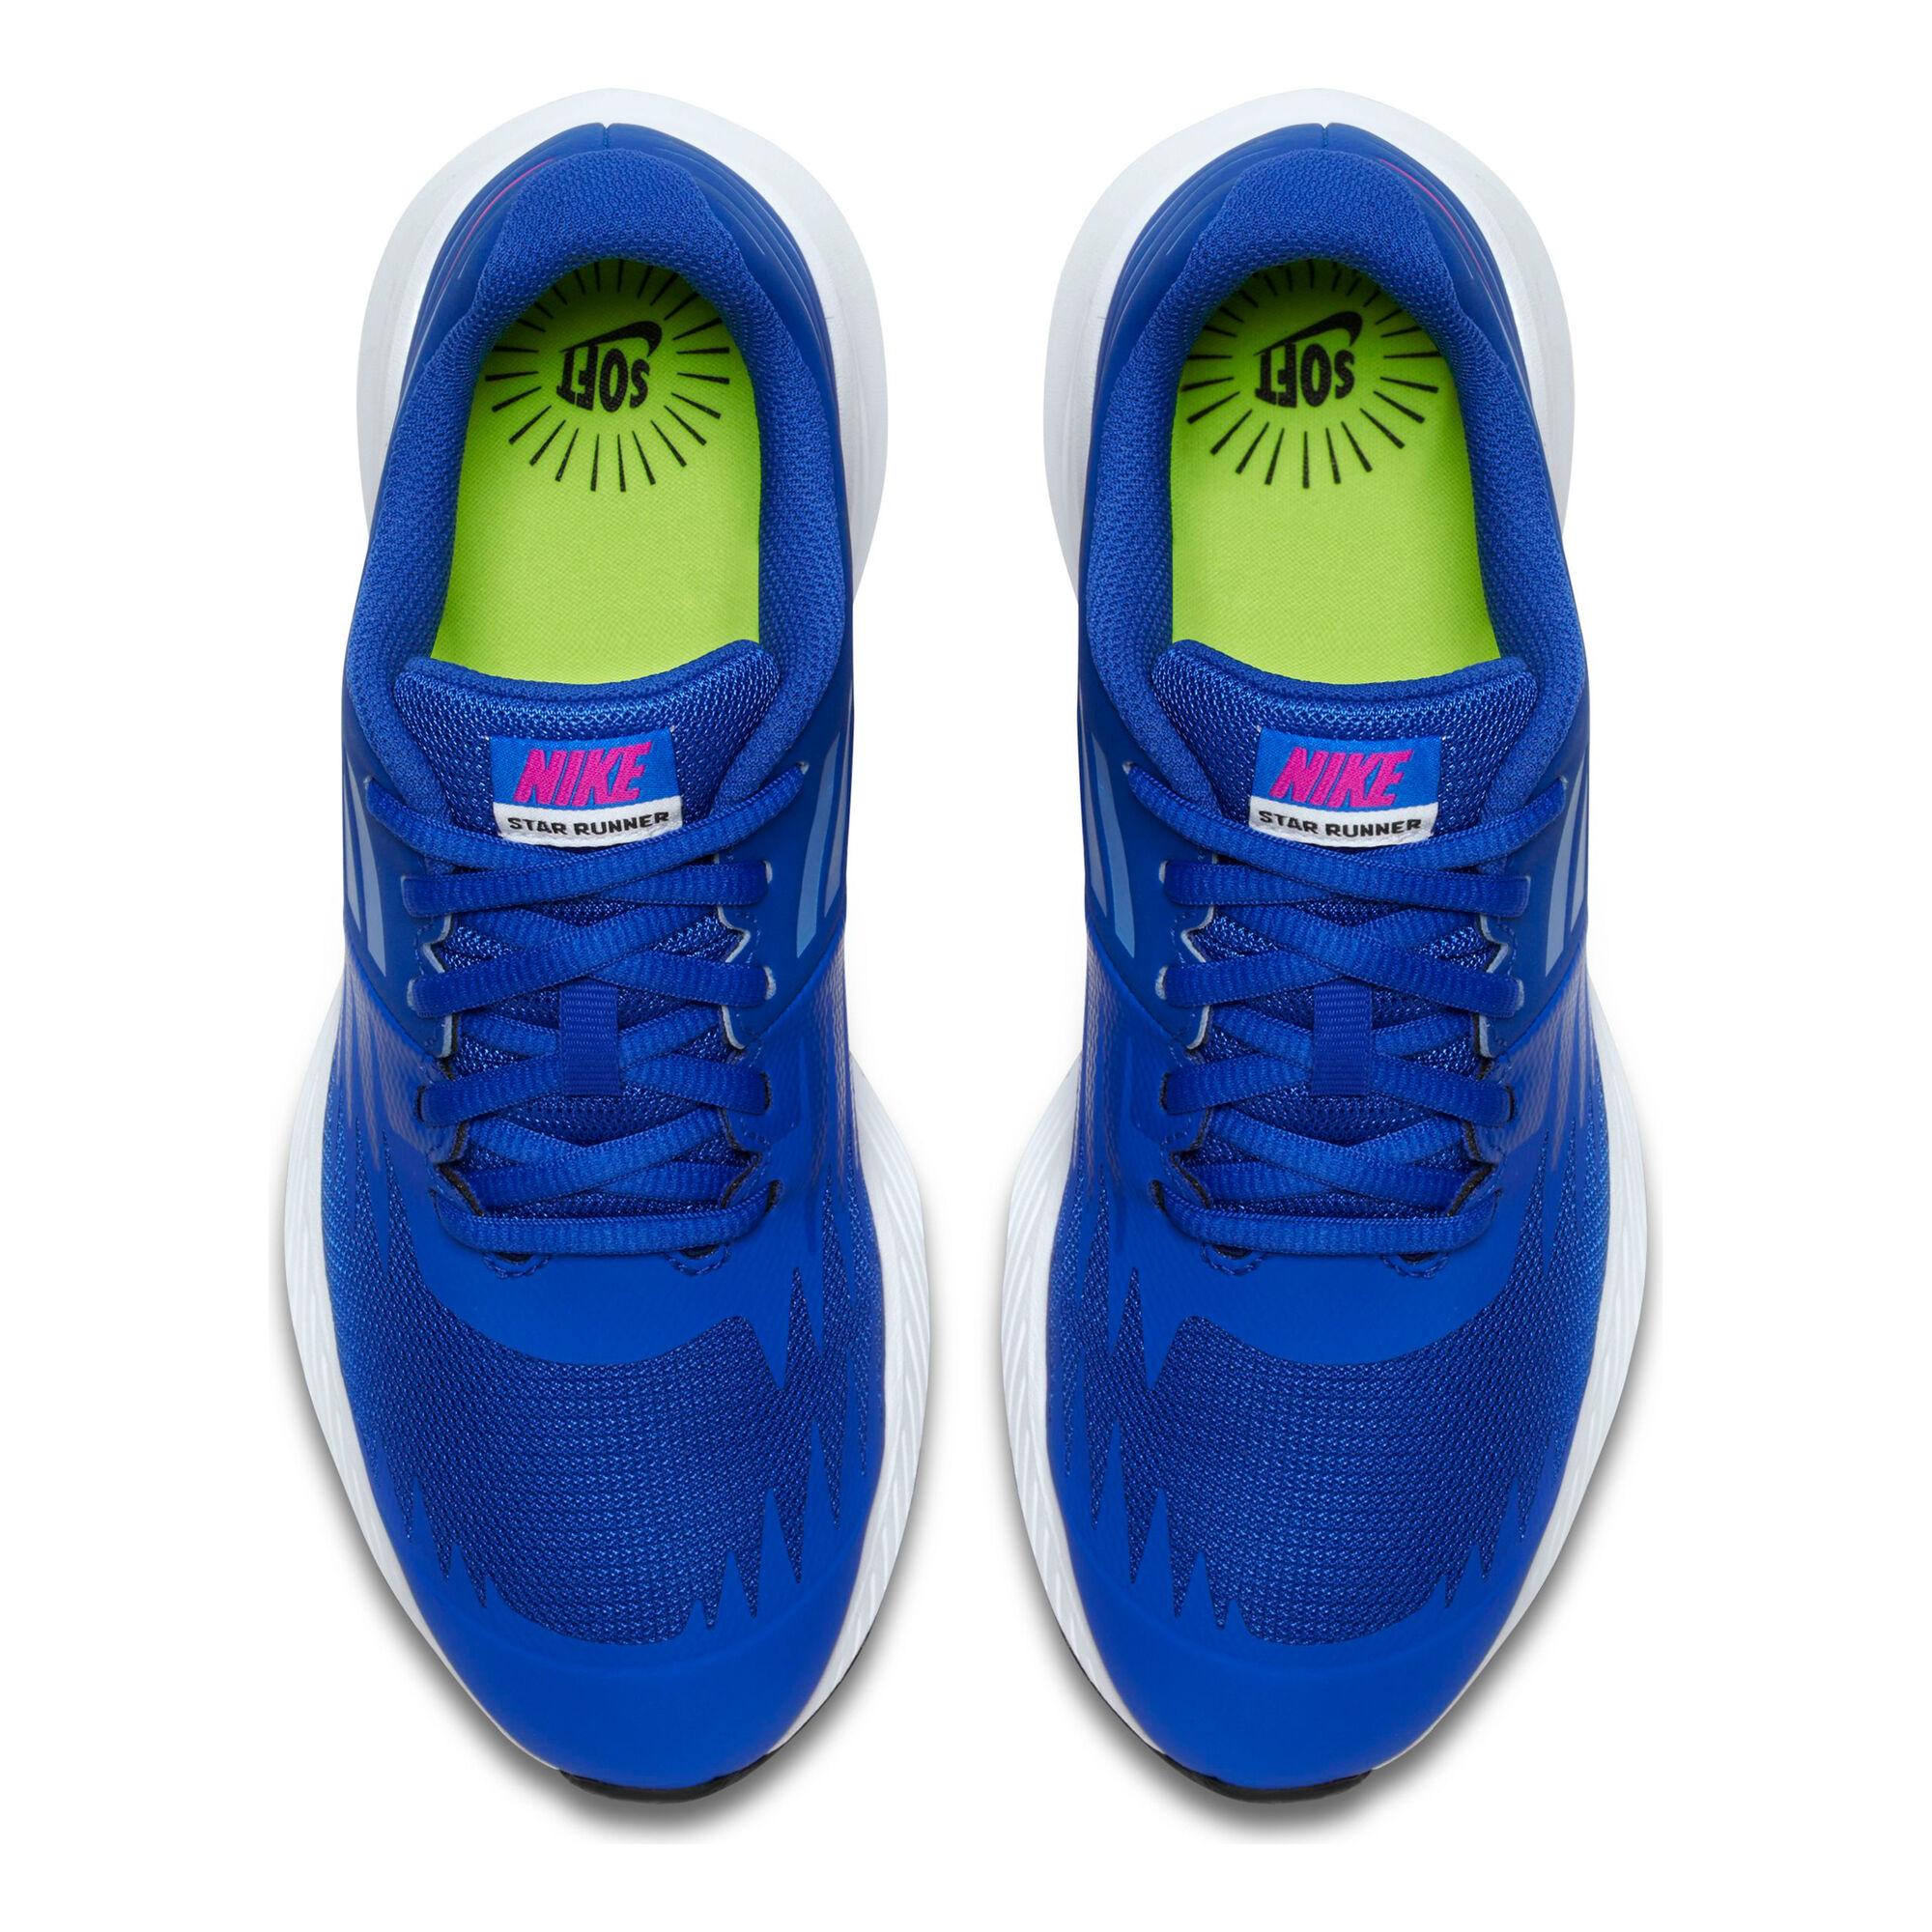 7e3c339b buy Nike Star Runner Neutral Running Shoe Kids - Blue, Pink online ...